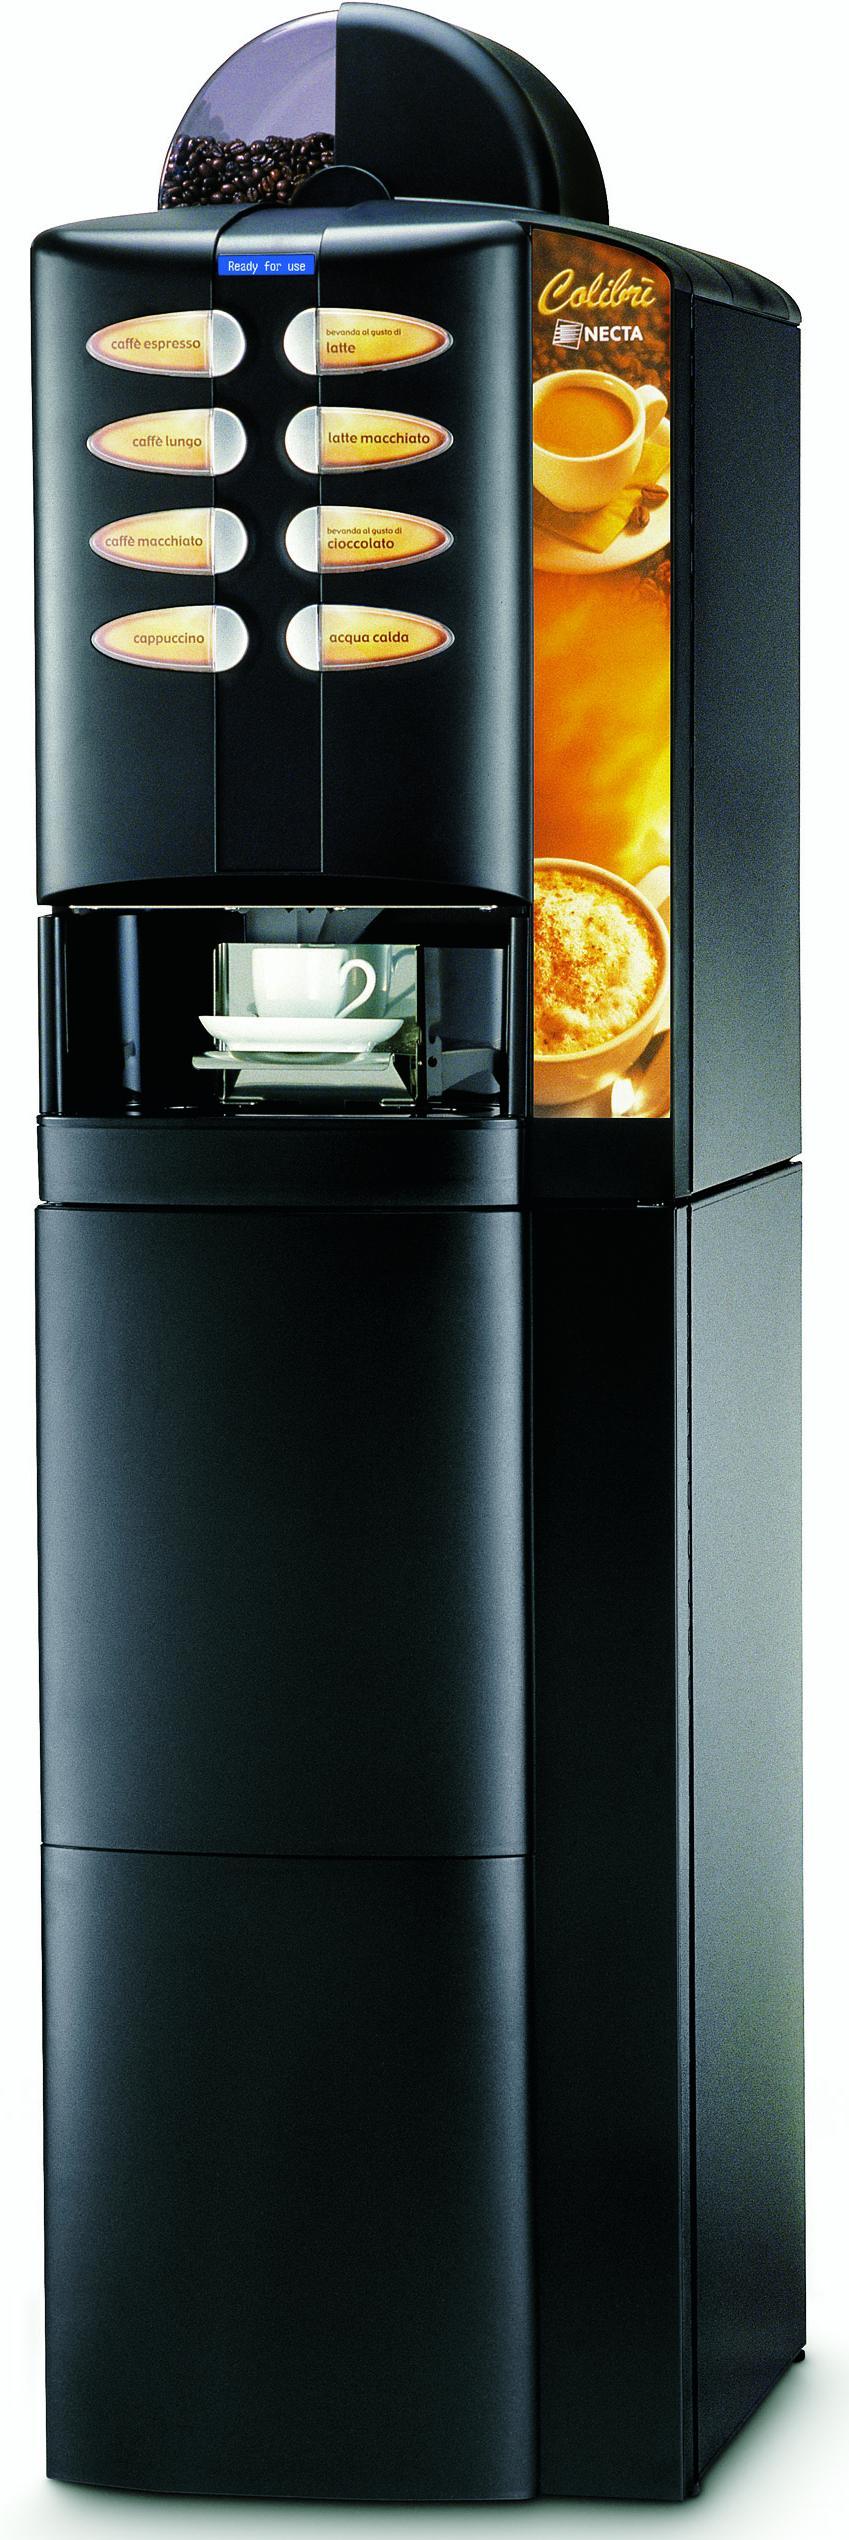 16131 | Кофемашина вендинговая Necta Colibri ES 3 + тумба б/у | Coffee Shop